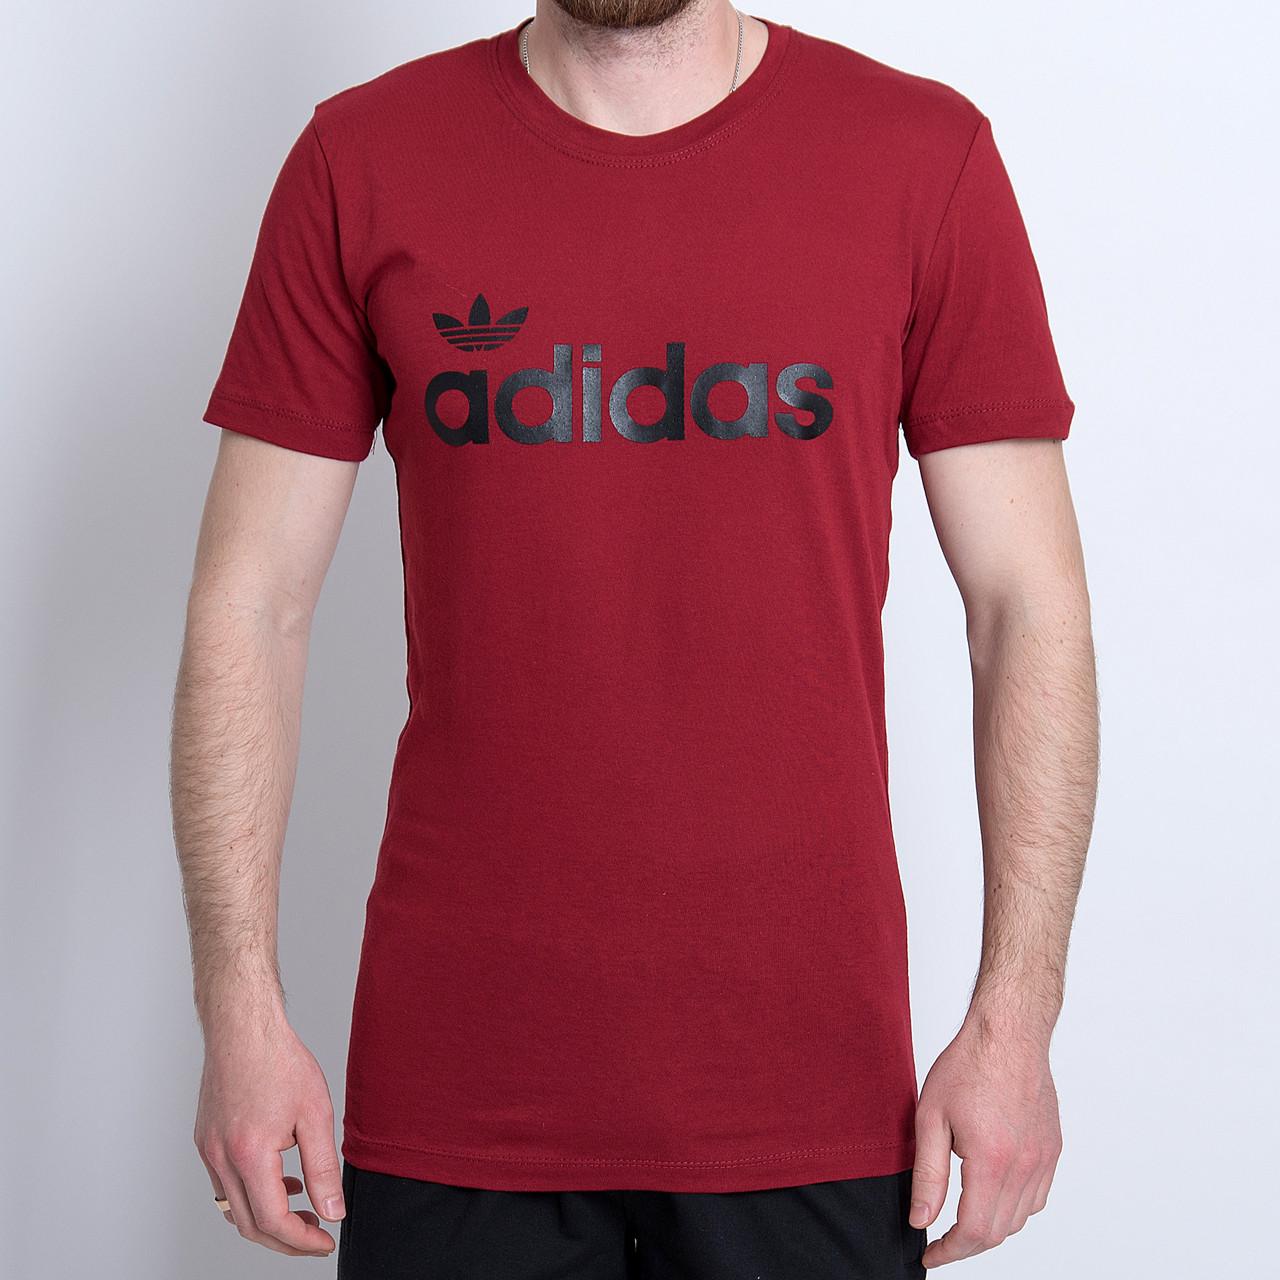 Чоловіча спортивна футболка Adidas, кольору бордо